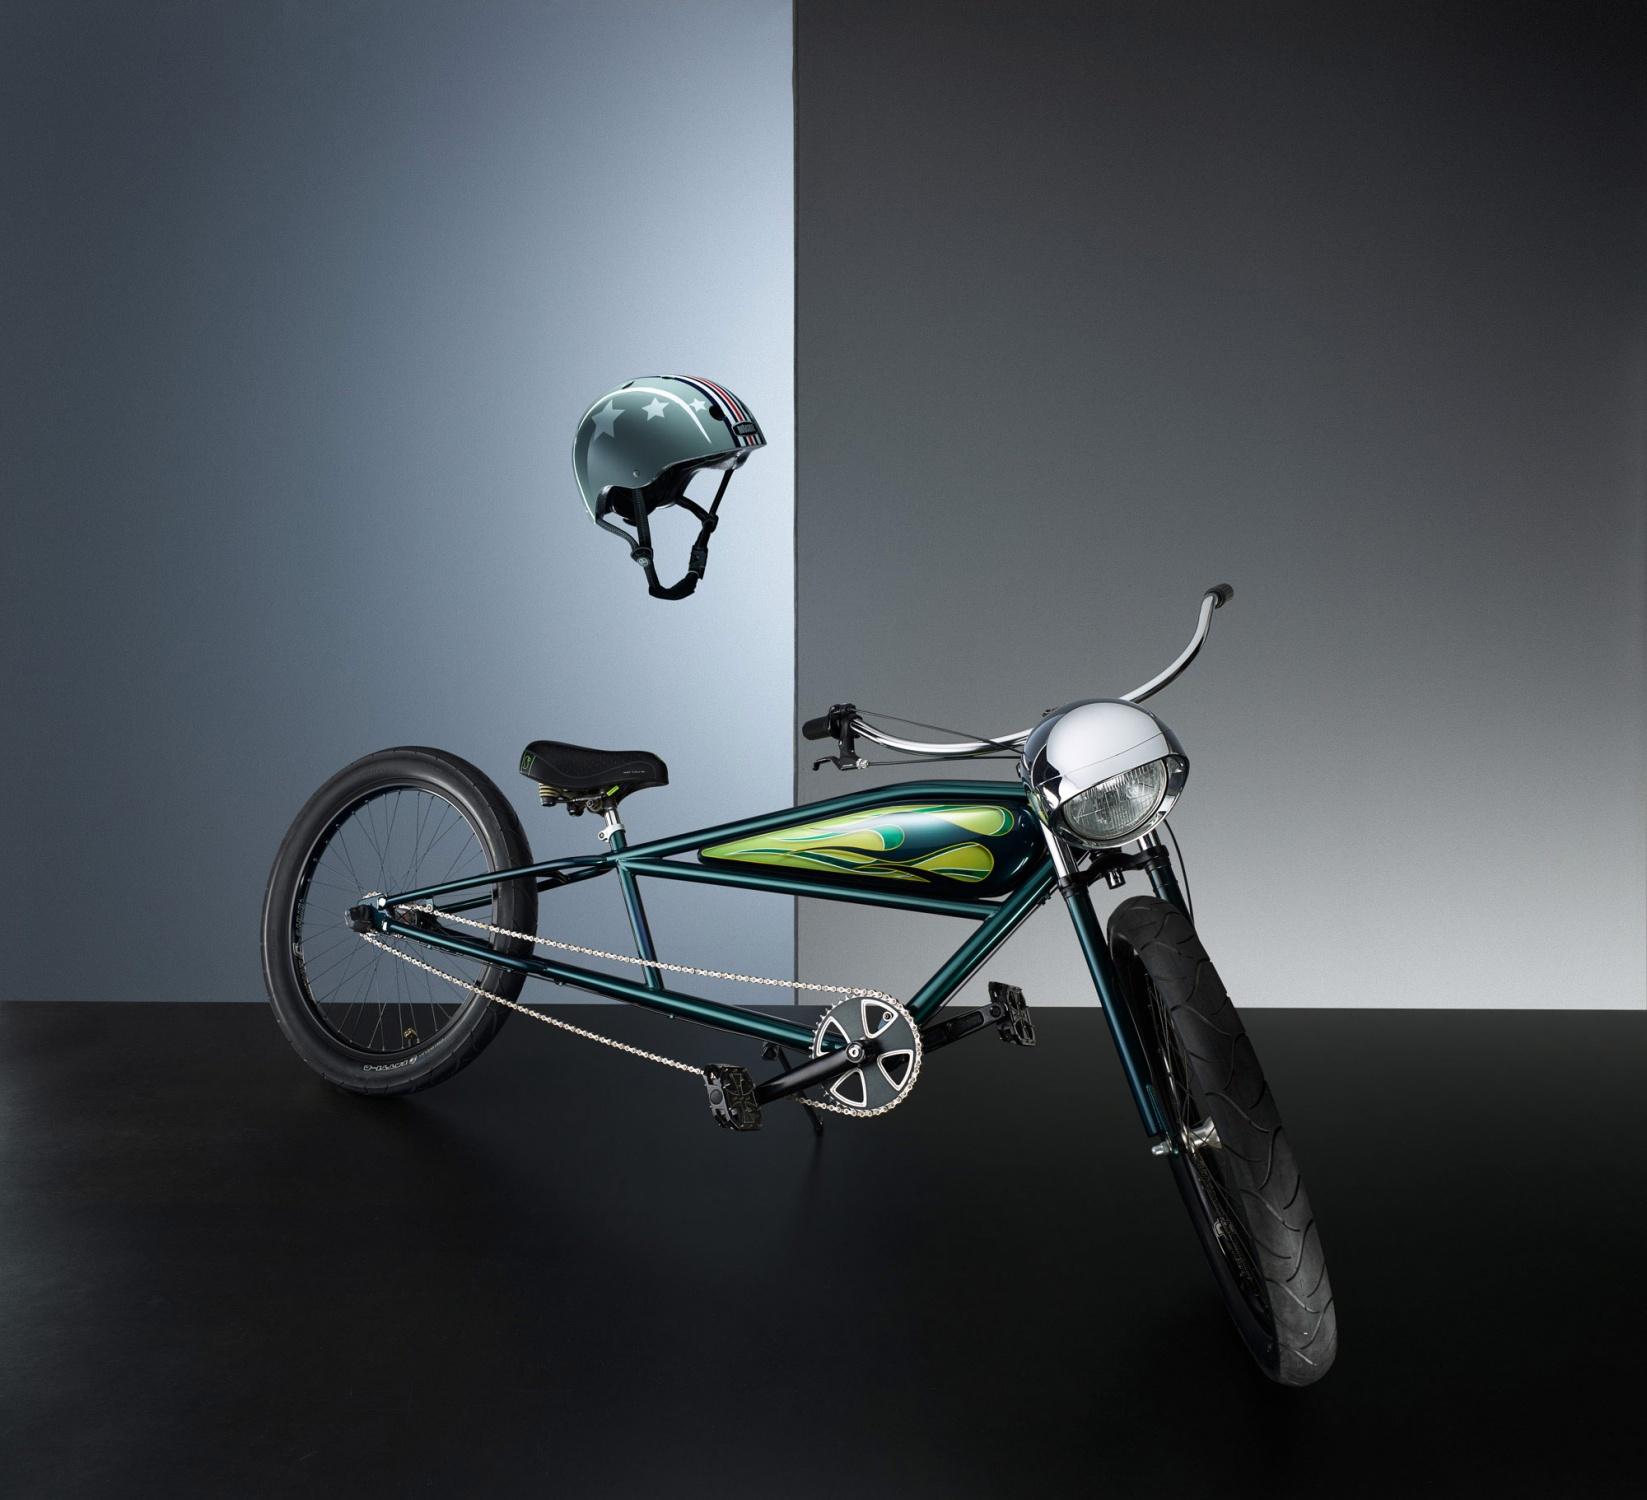 Bycicle_The_Easyrider_Helmet_Nutcase